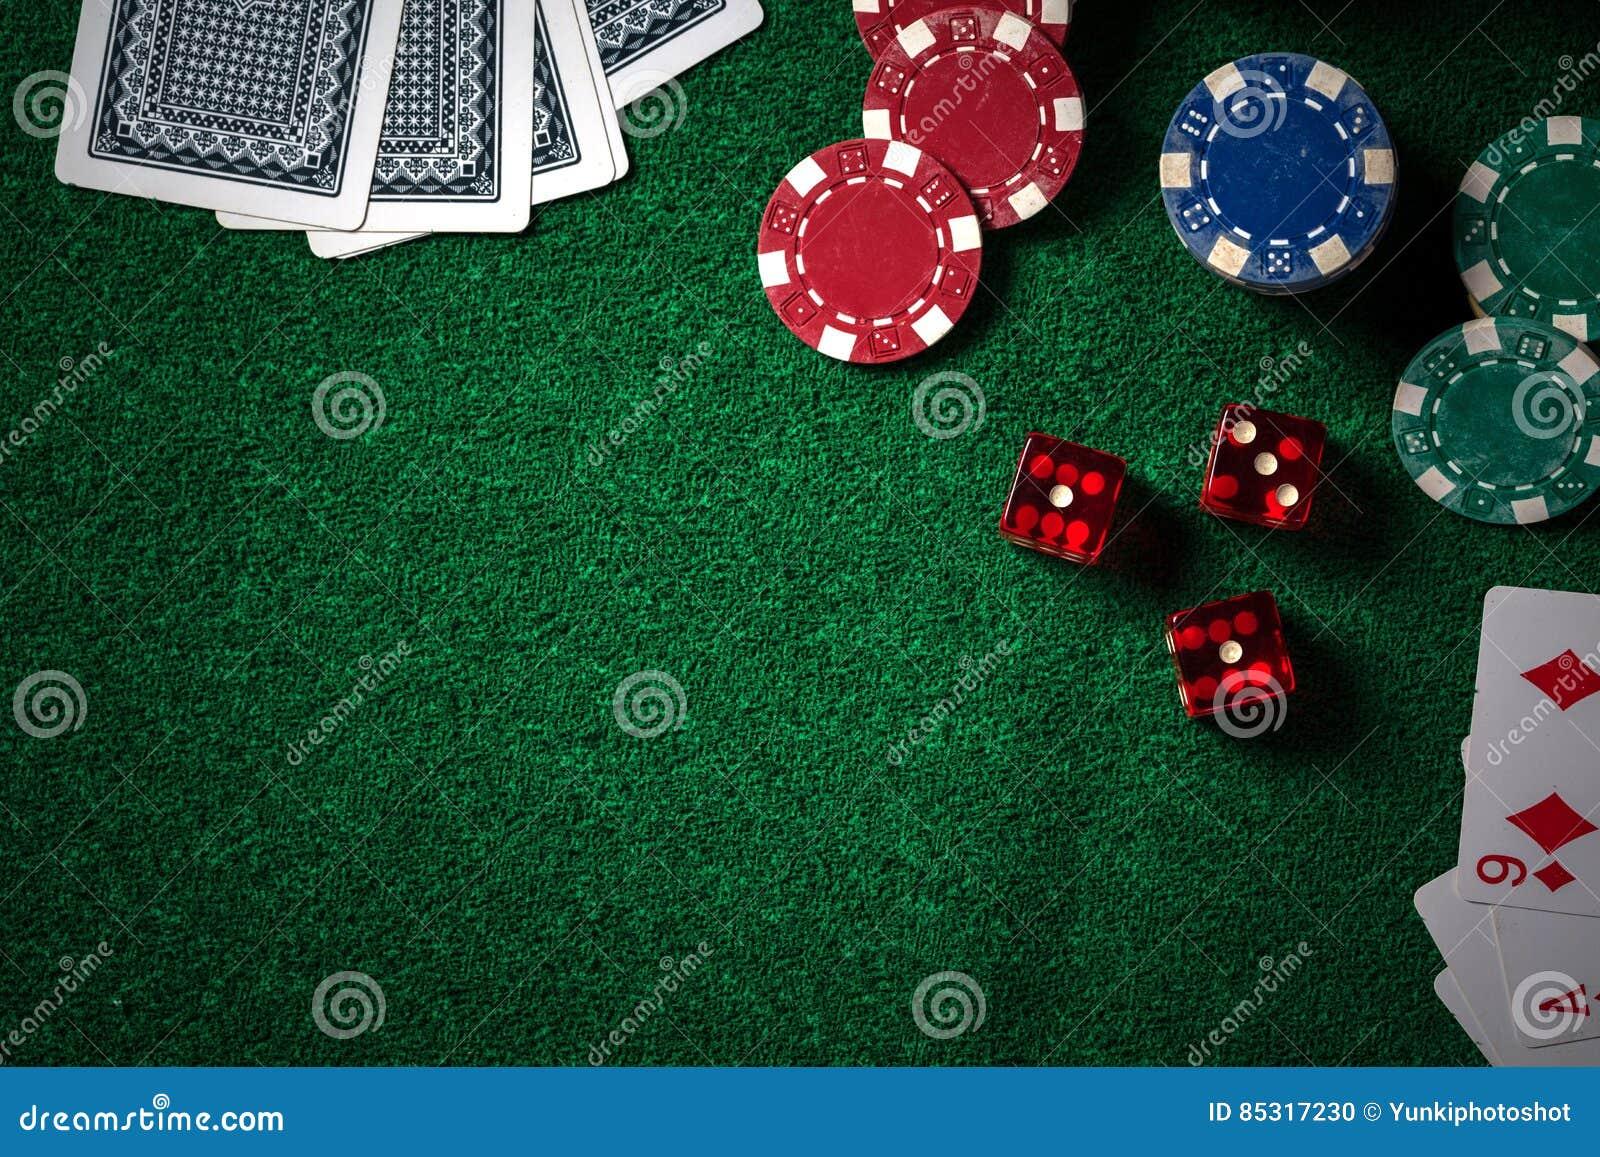 纸牌筹码和赌博卡片在赌博娱乐场选材台上与低调